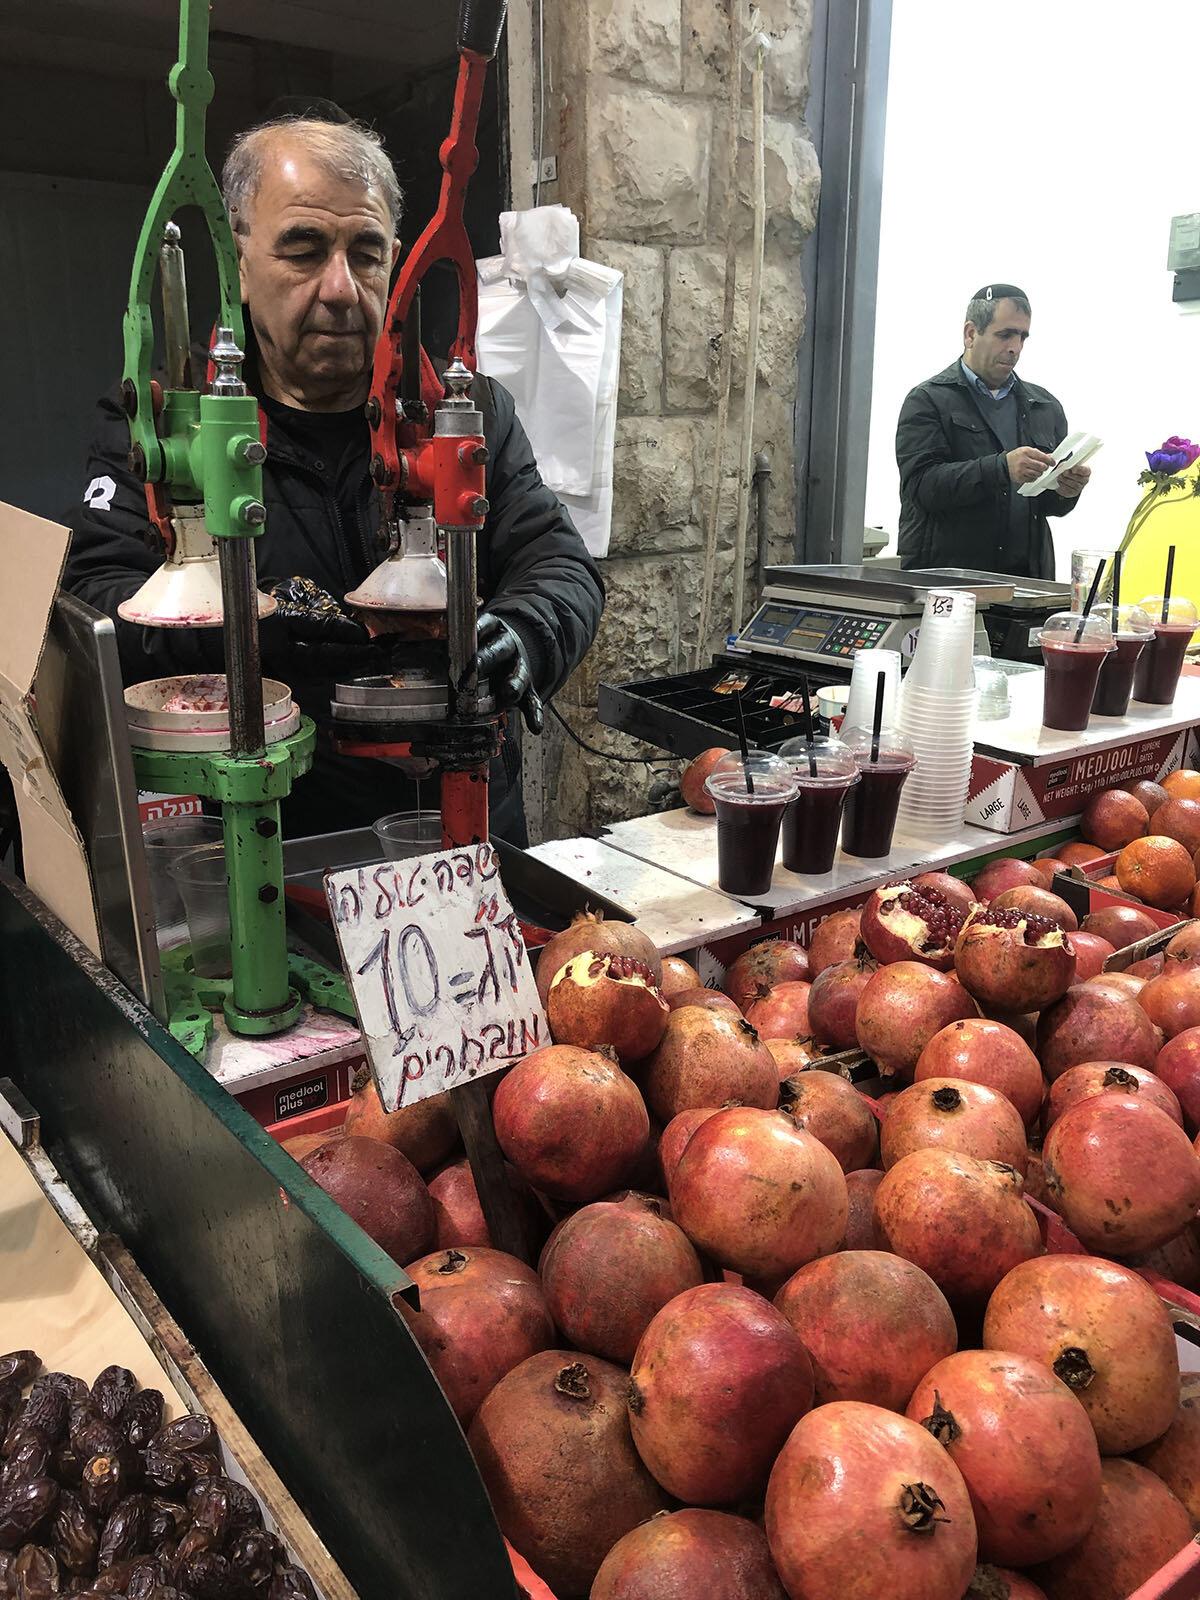 Street vendor selling refreshing Israeli drinks like pomegranate juice.